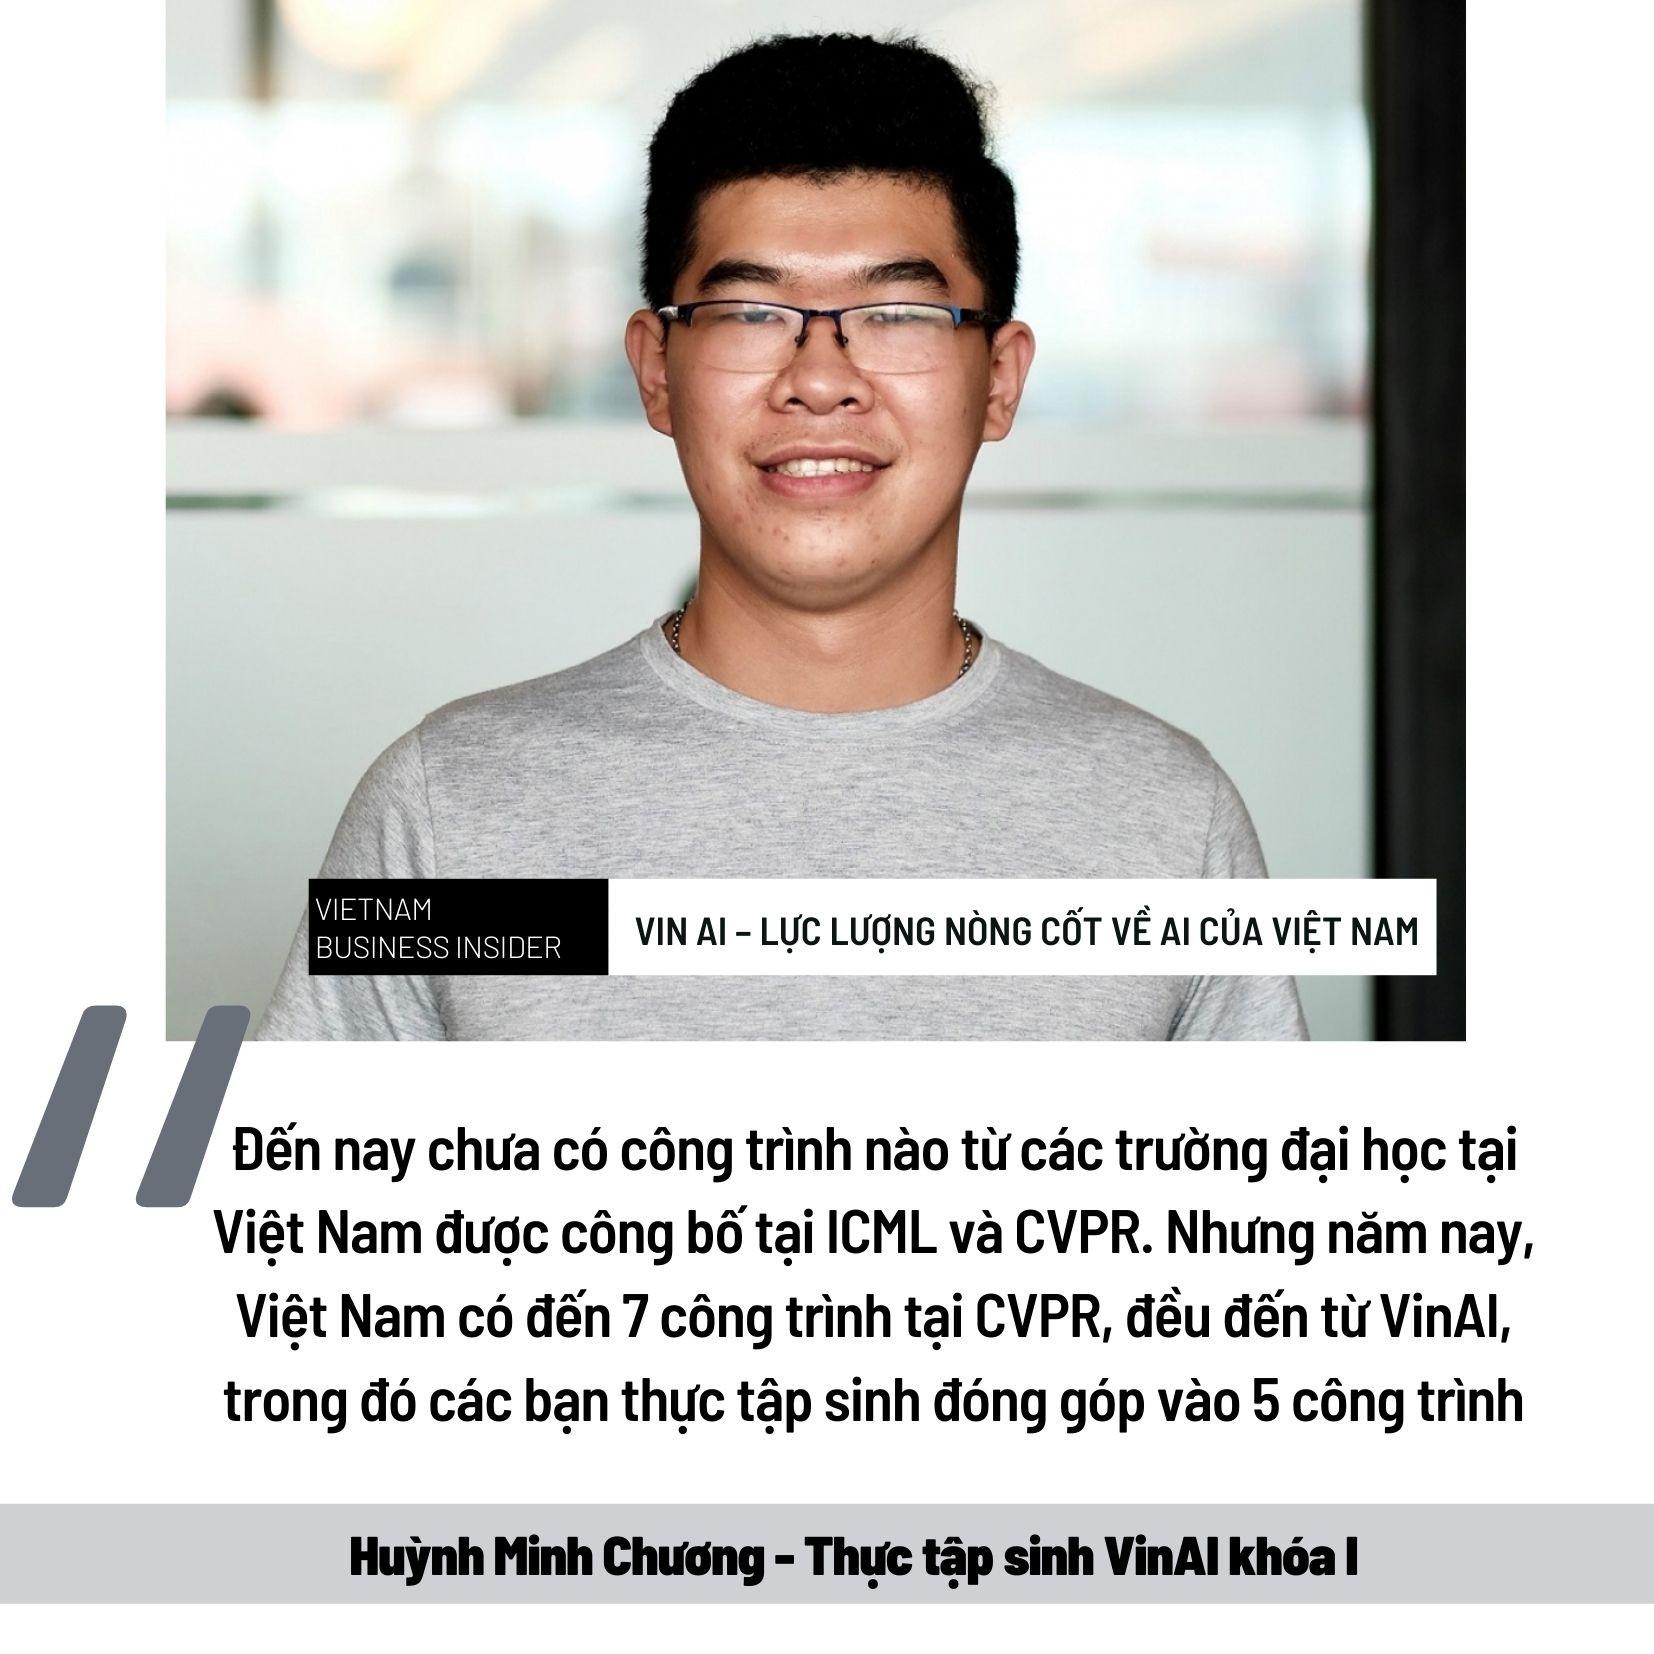 vietnambusinessinsider-17-1622362396.jpg